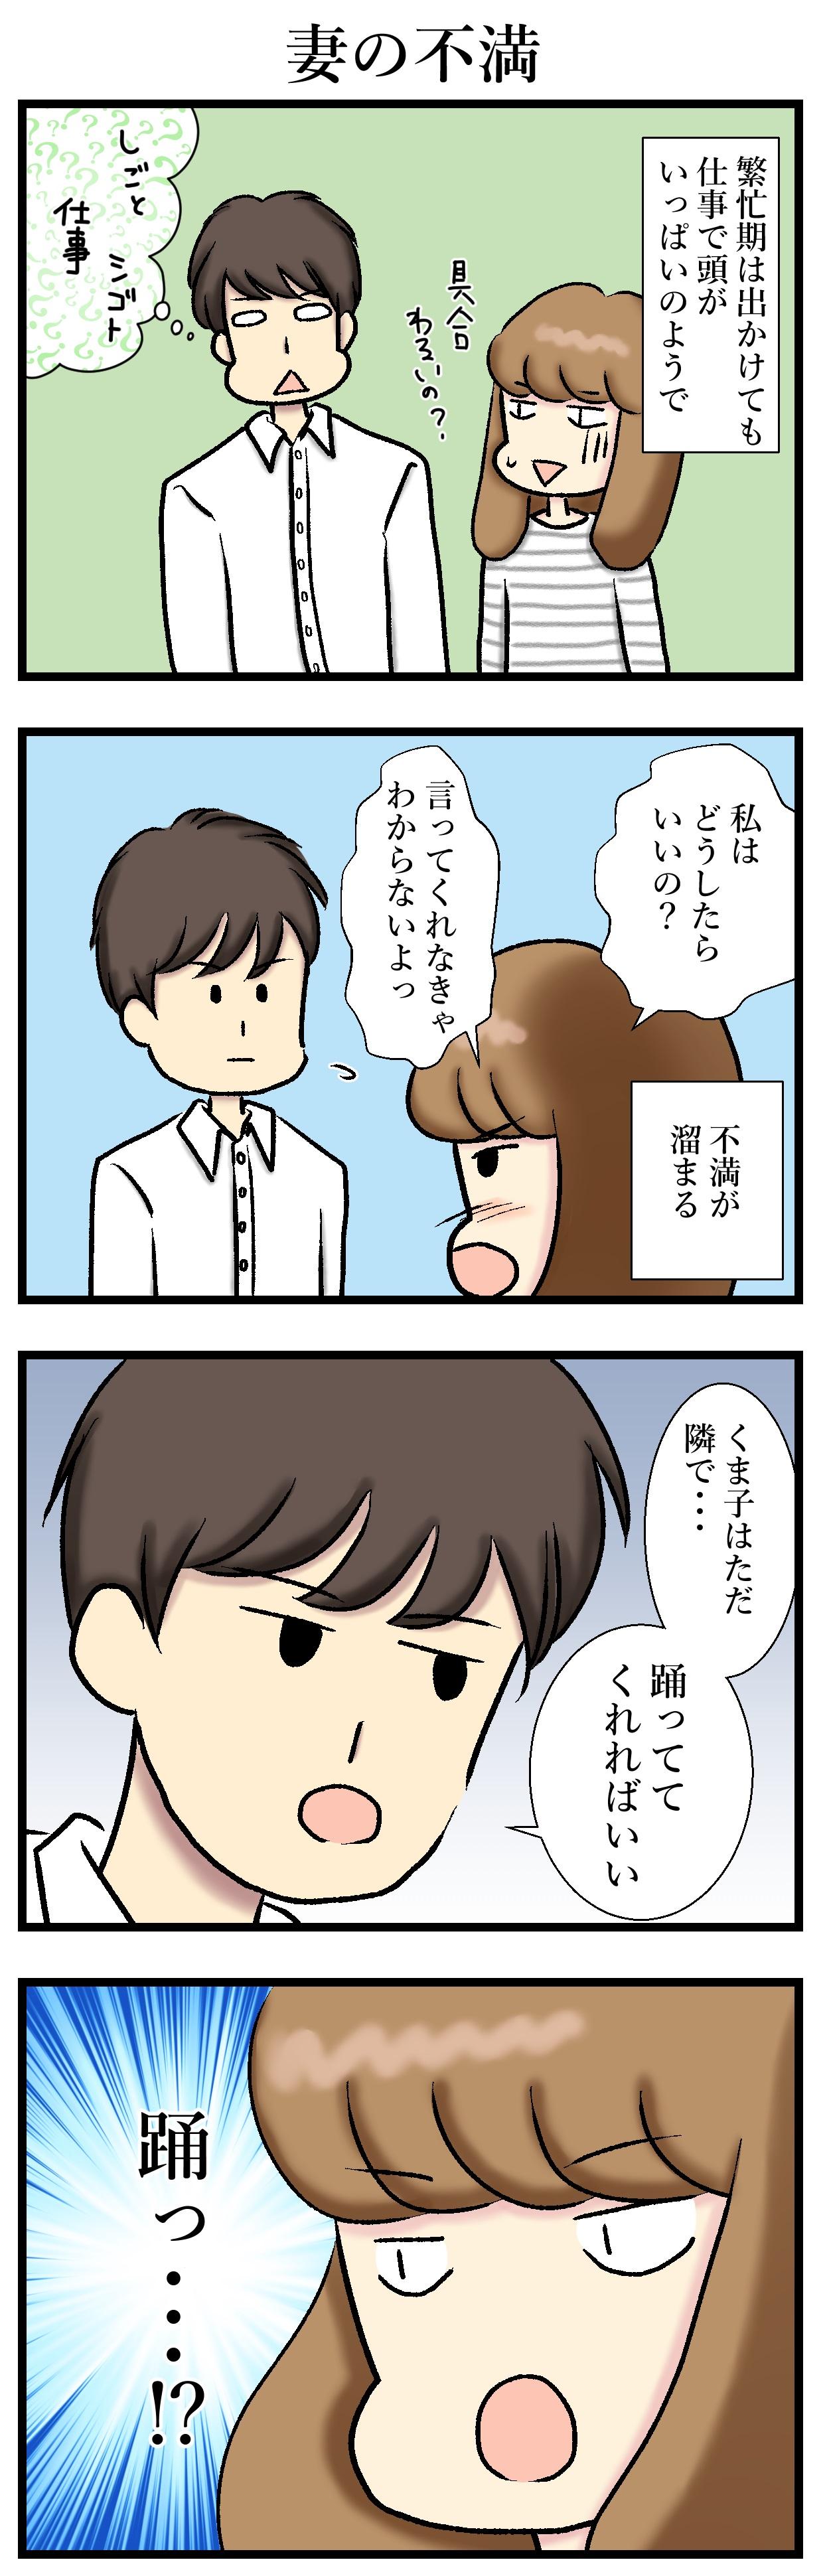 【エッセイ漫画】アラサー主婦くま子のふがいない日常(8)